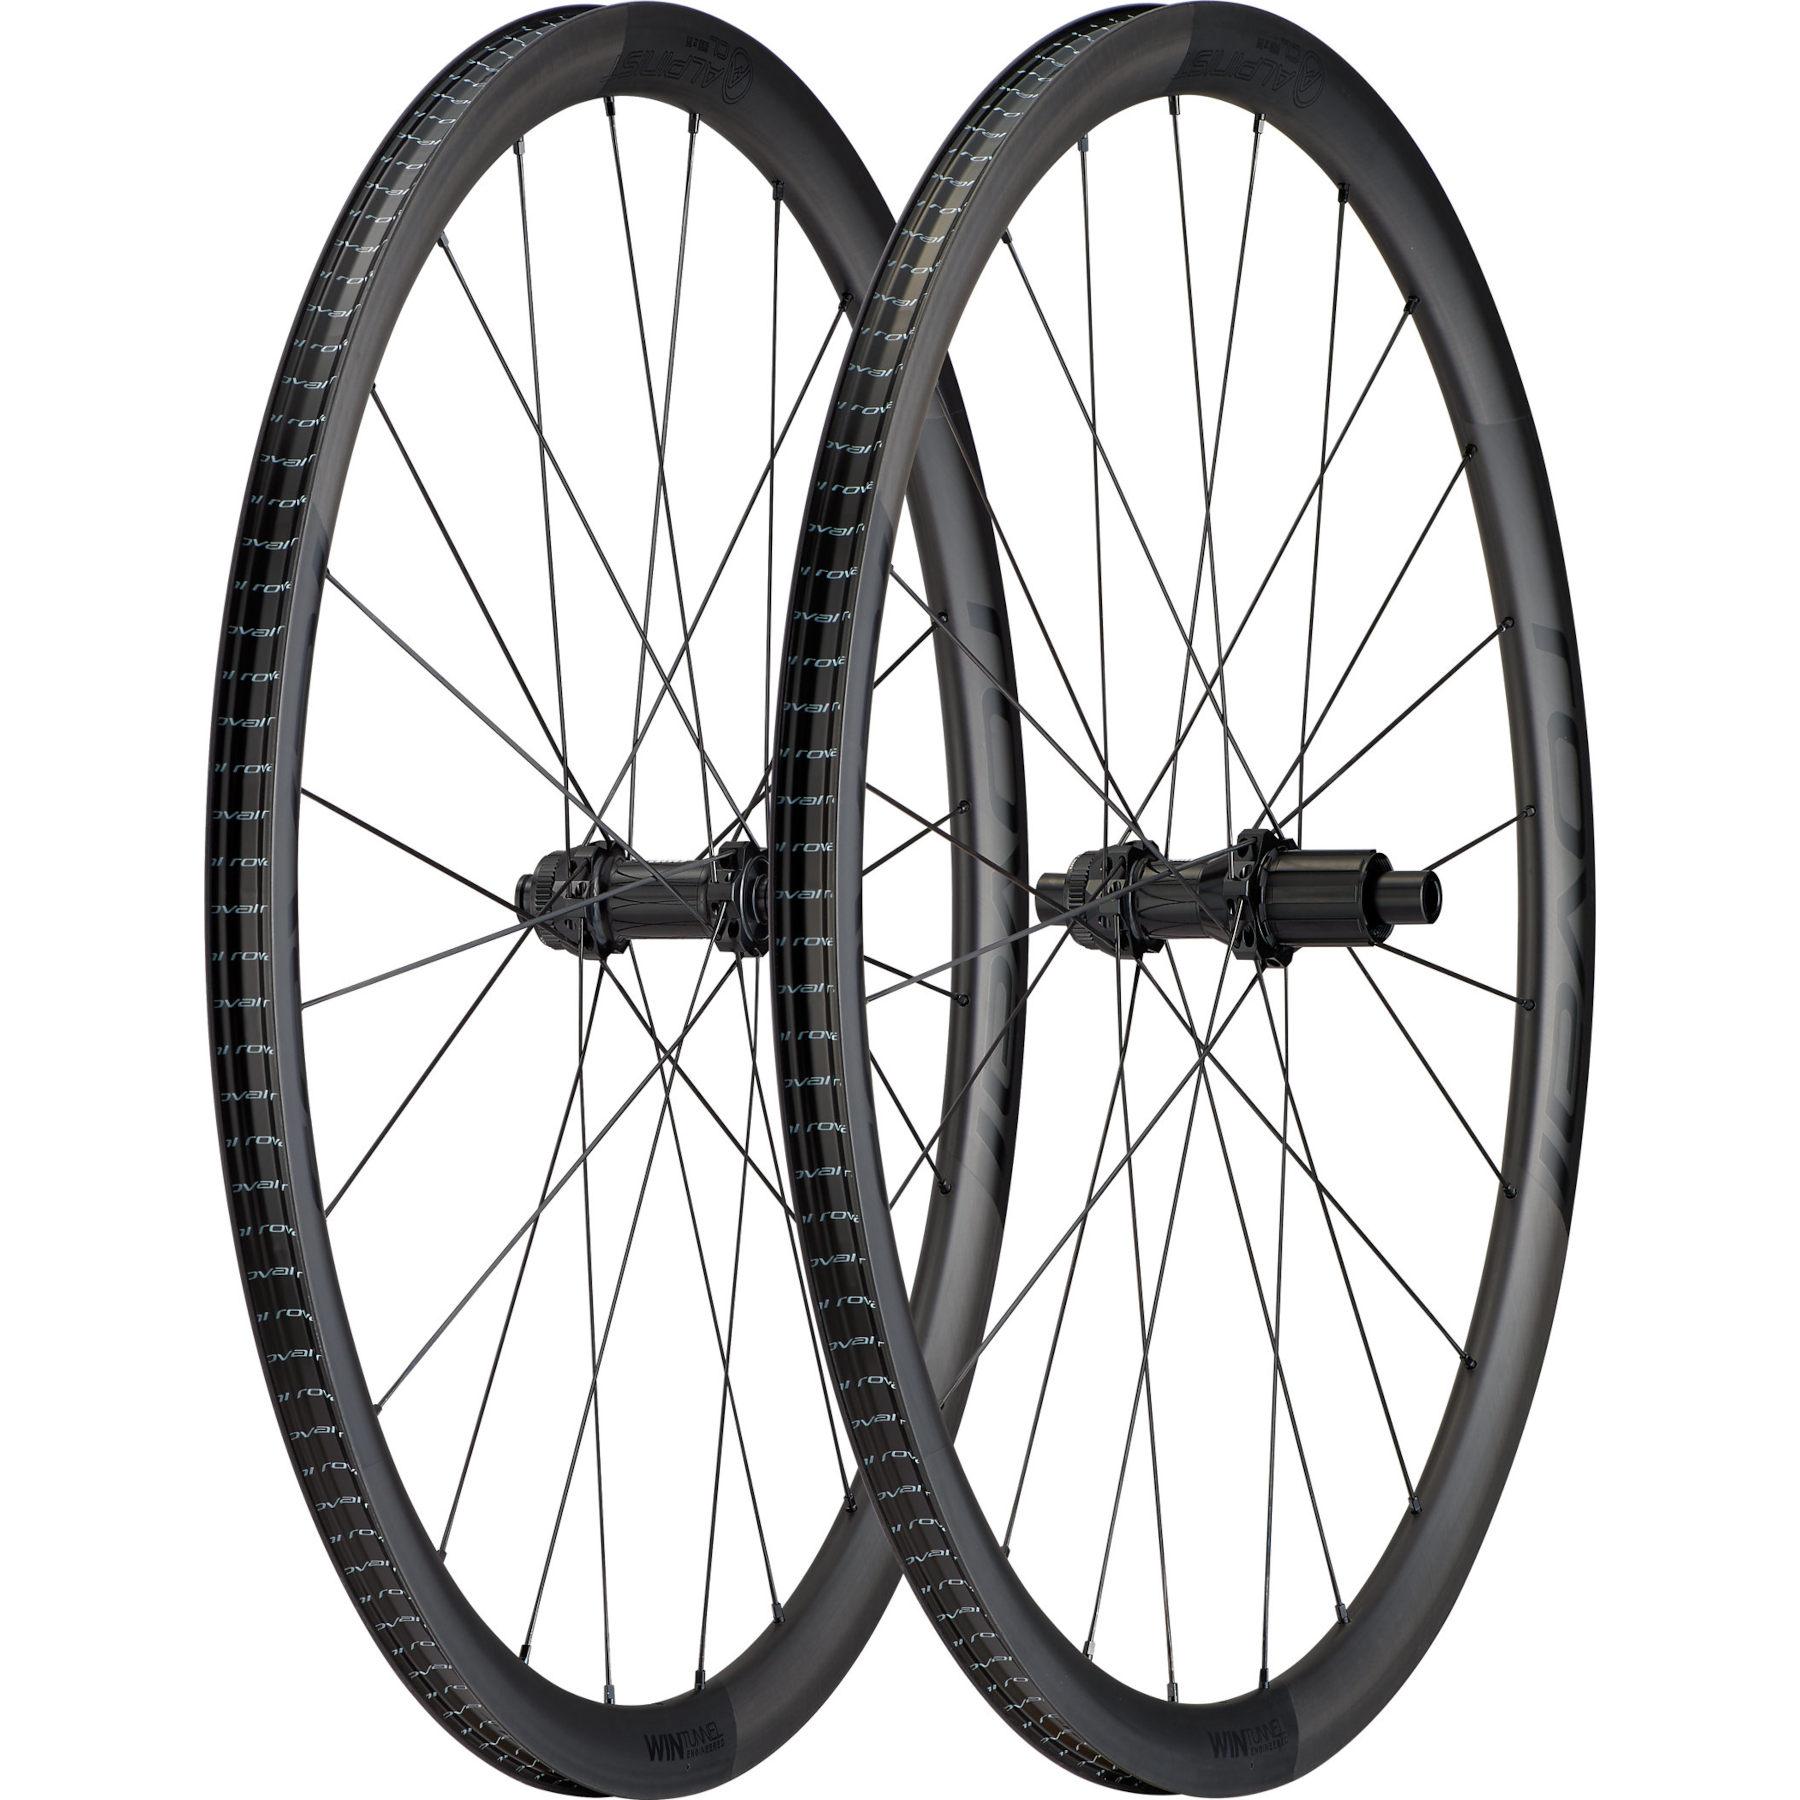 """Produktbild von Specialized Roval Alpinist CL HG 28"""" Carbon Laufradsatz - Centerlock - VR: 12x100mm   HR: 12x142mm - Carbon/Black"""